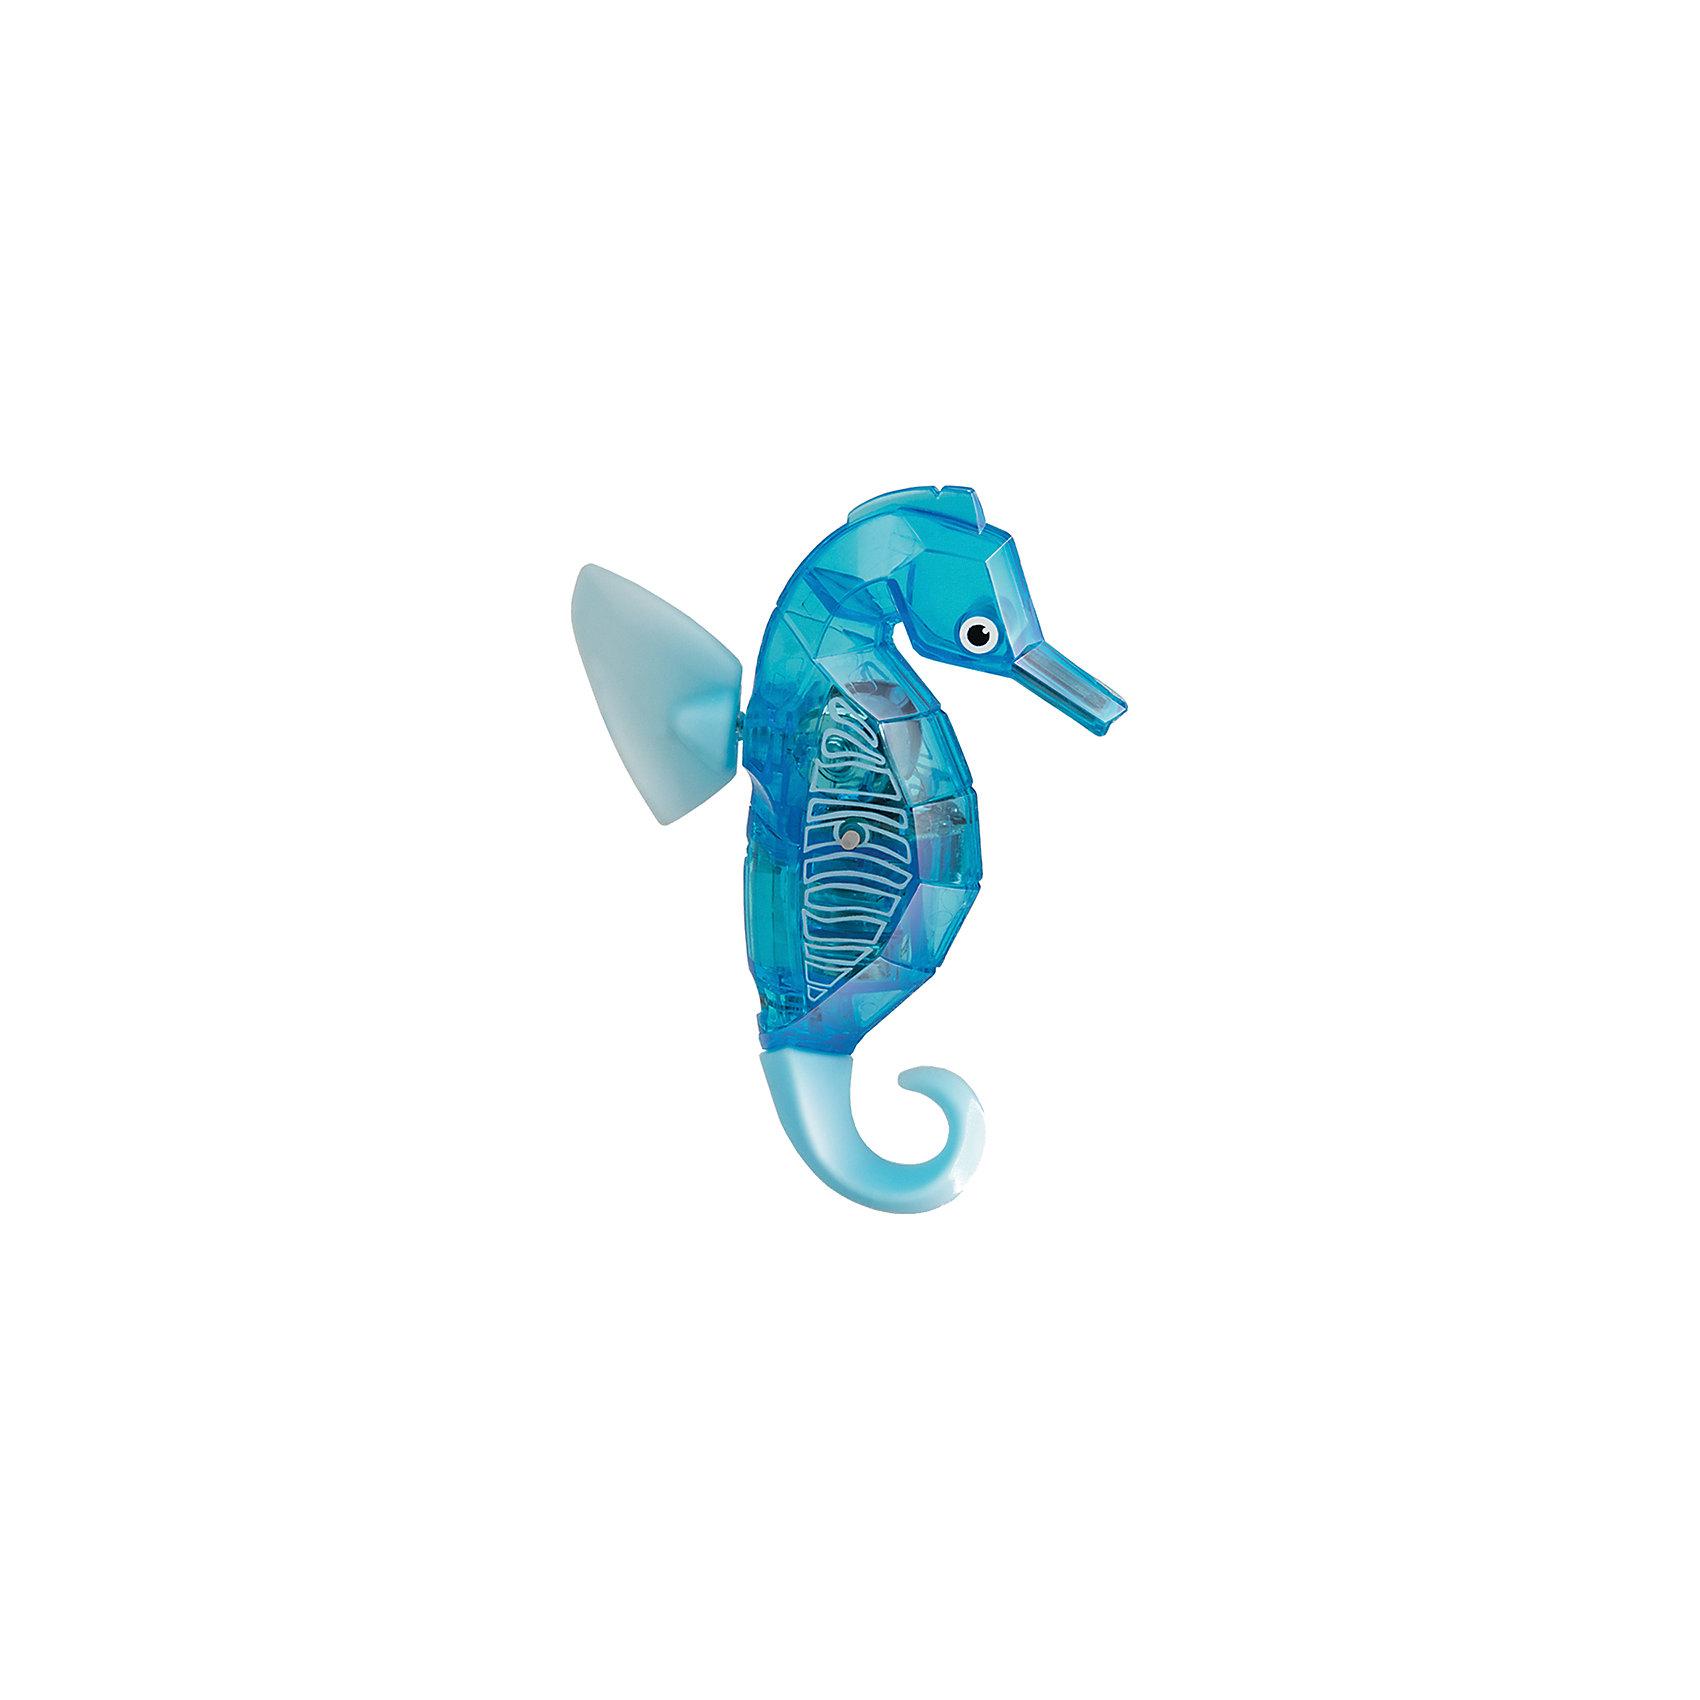 Микро-робот Aqua Bot Морской конек, голубой, HexbugПрочие интерактивные игрушки<br><br><br>Ширина мм: 160<br>Глубина мм: 80<br>Высота мм: 120<br>Вес г: 58<br>Возраст от месяцев: 36<br>Возраст до месяцев: 2147483647<br>Пол: Унисекс<br>Возраст: Детский<br>SKU: 5507187